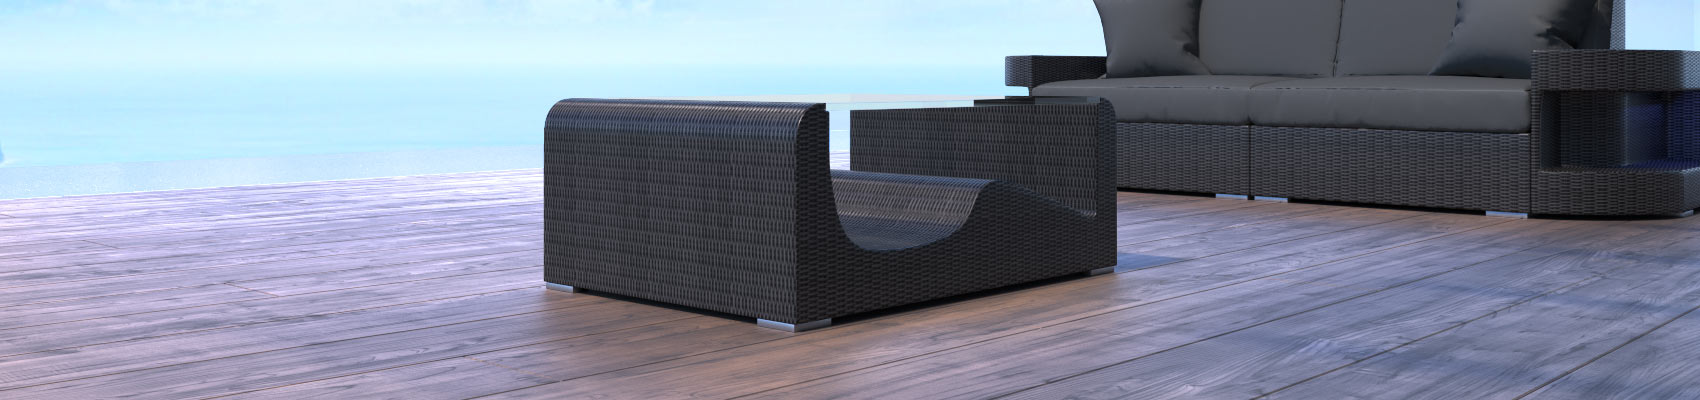 Rattan Tische für Garten, Balkon oder Terrasse | Sofa Dreams